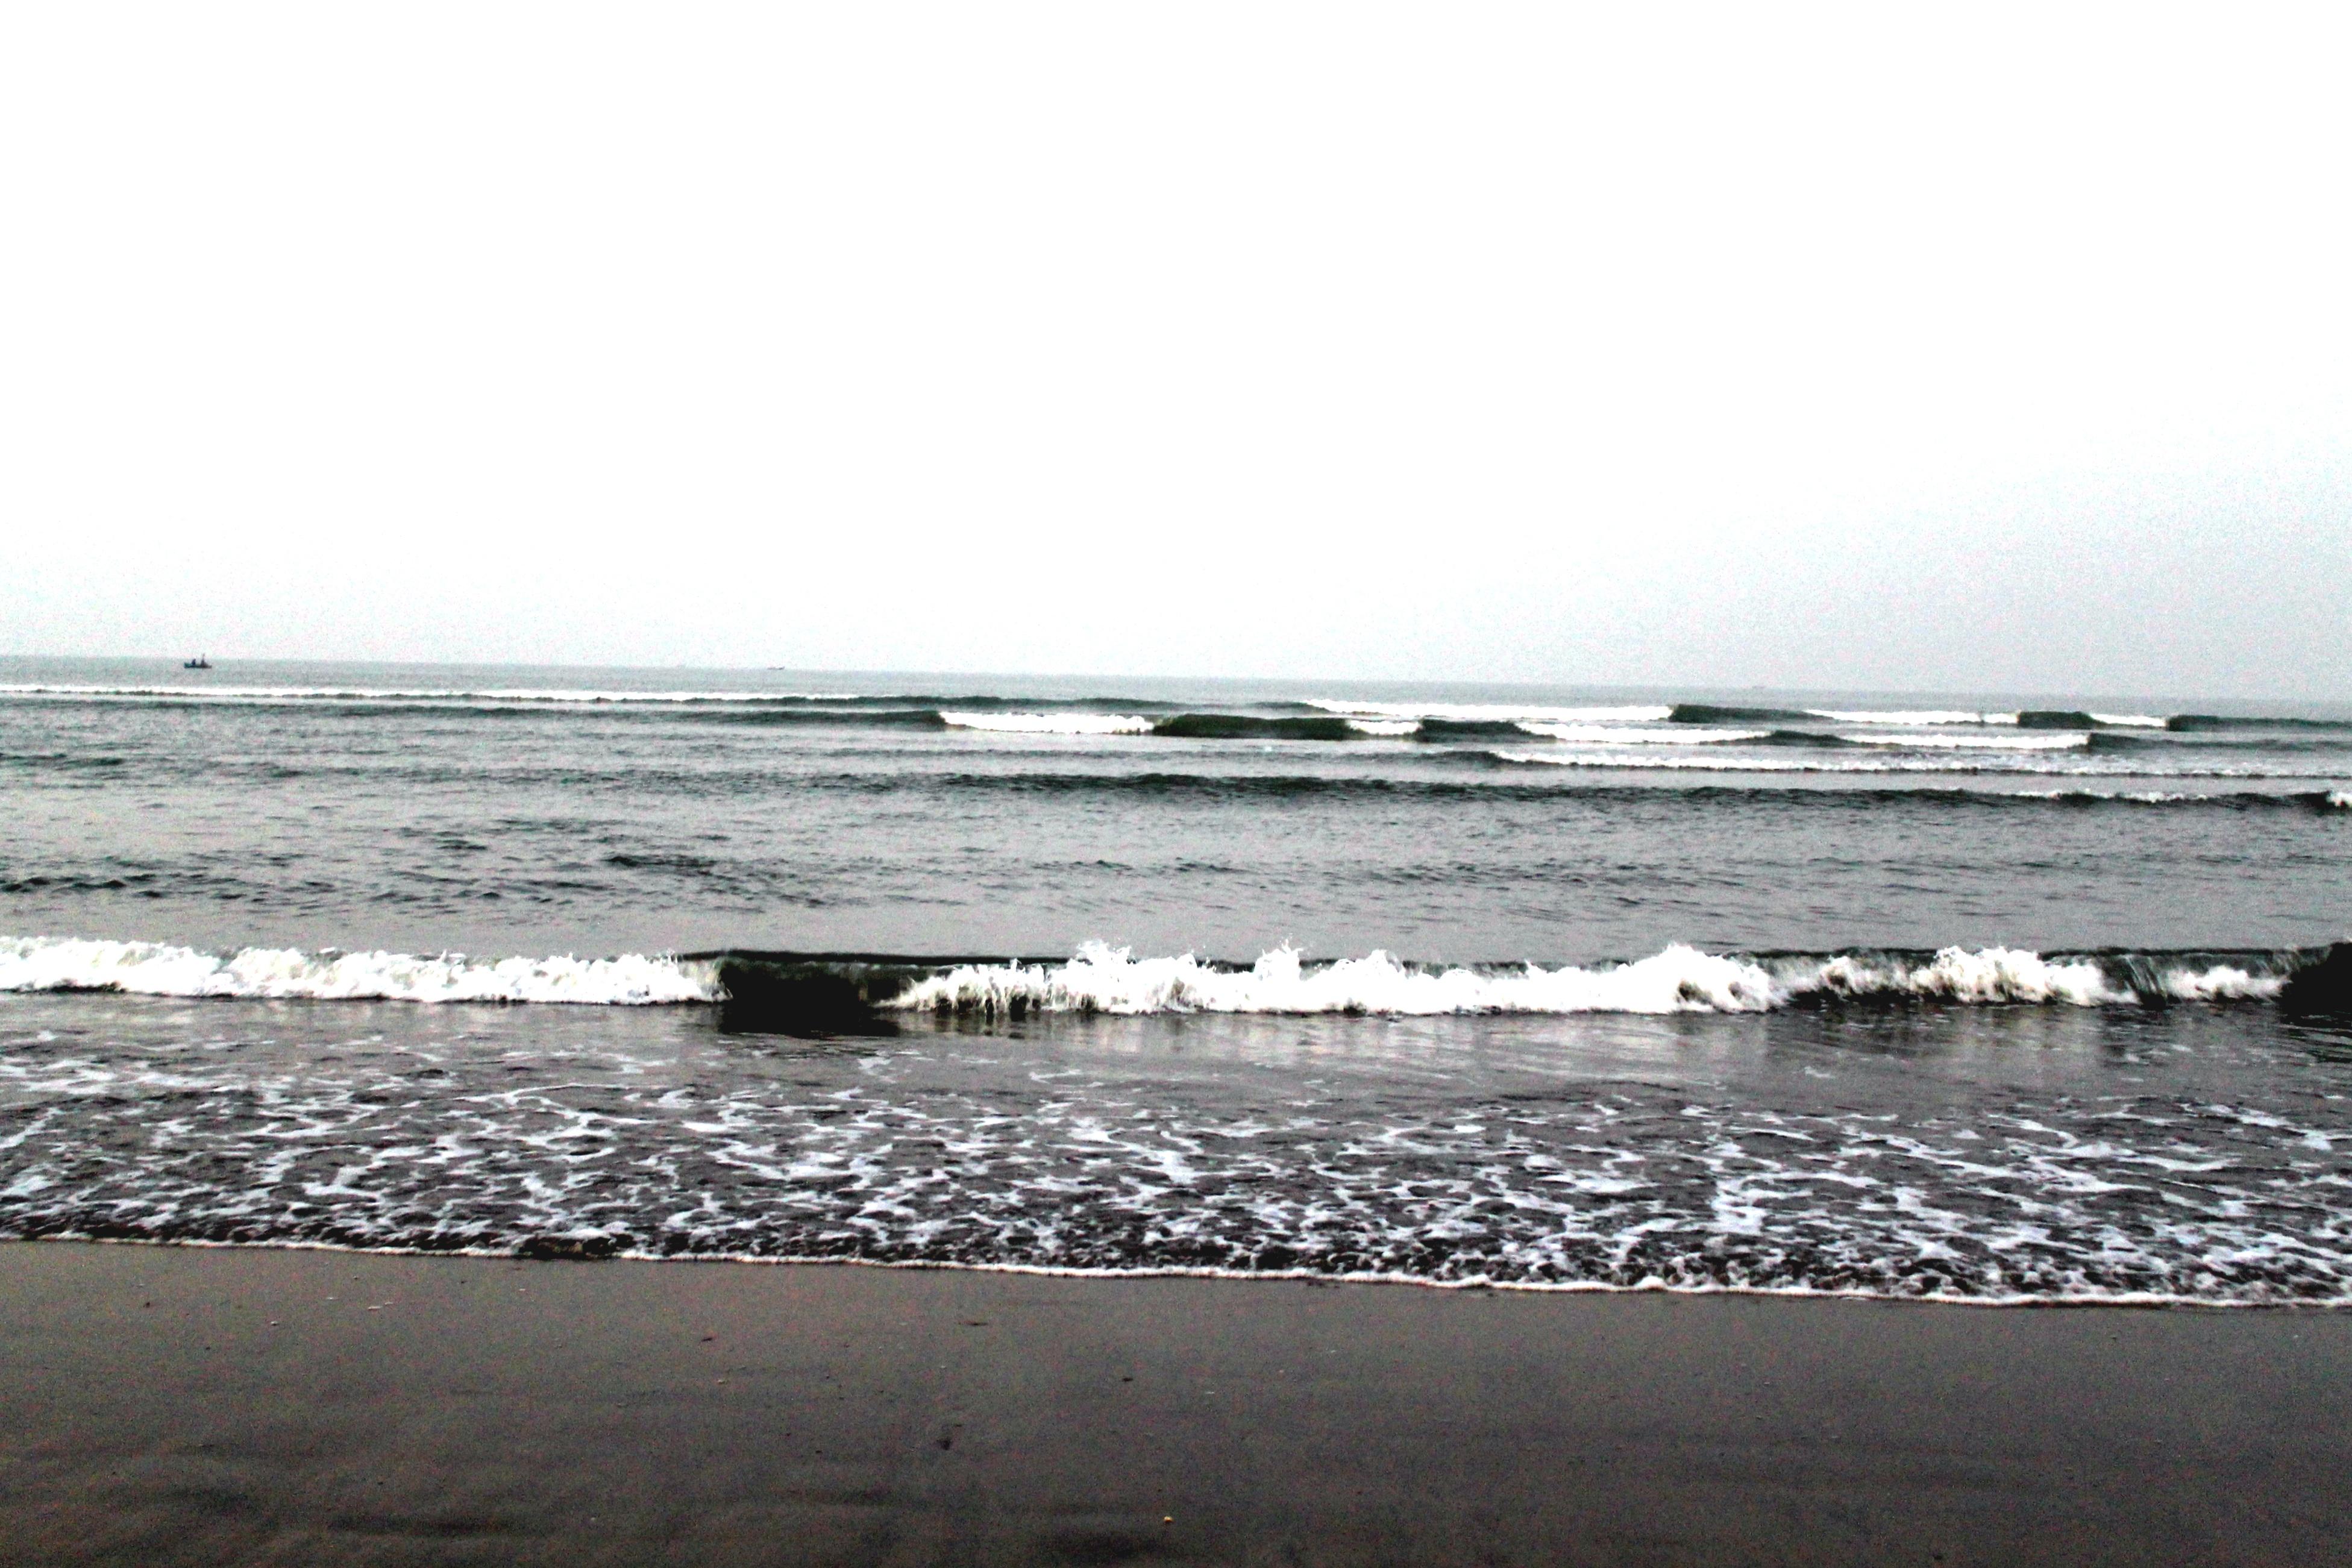 Immagini Belle Spiaggia Mare Costa Acqua Orizzonte Puntellare